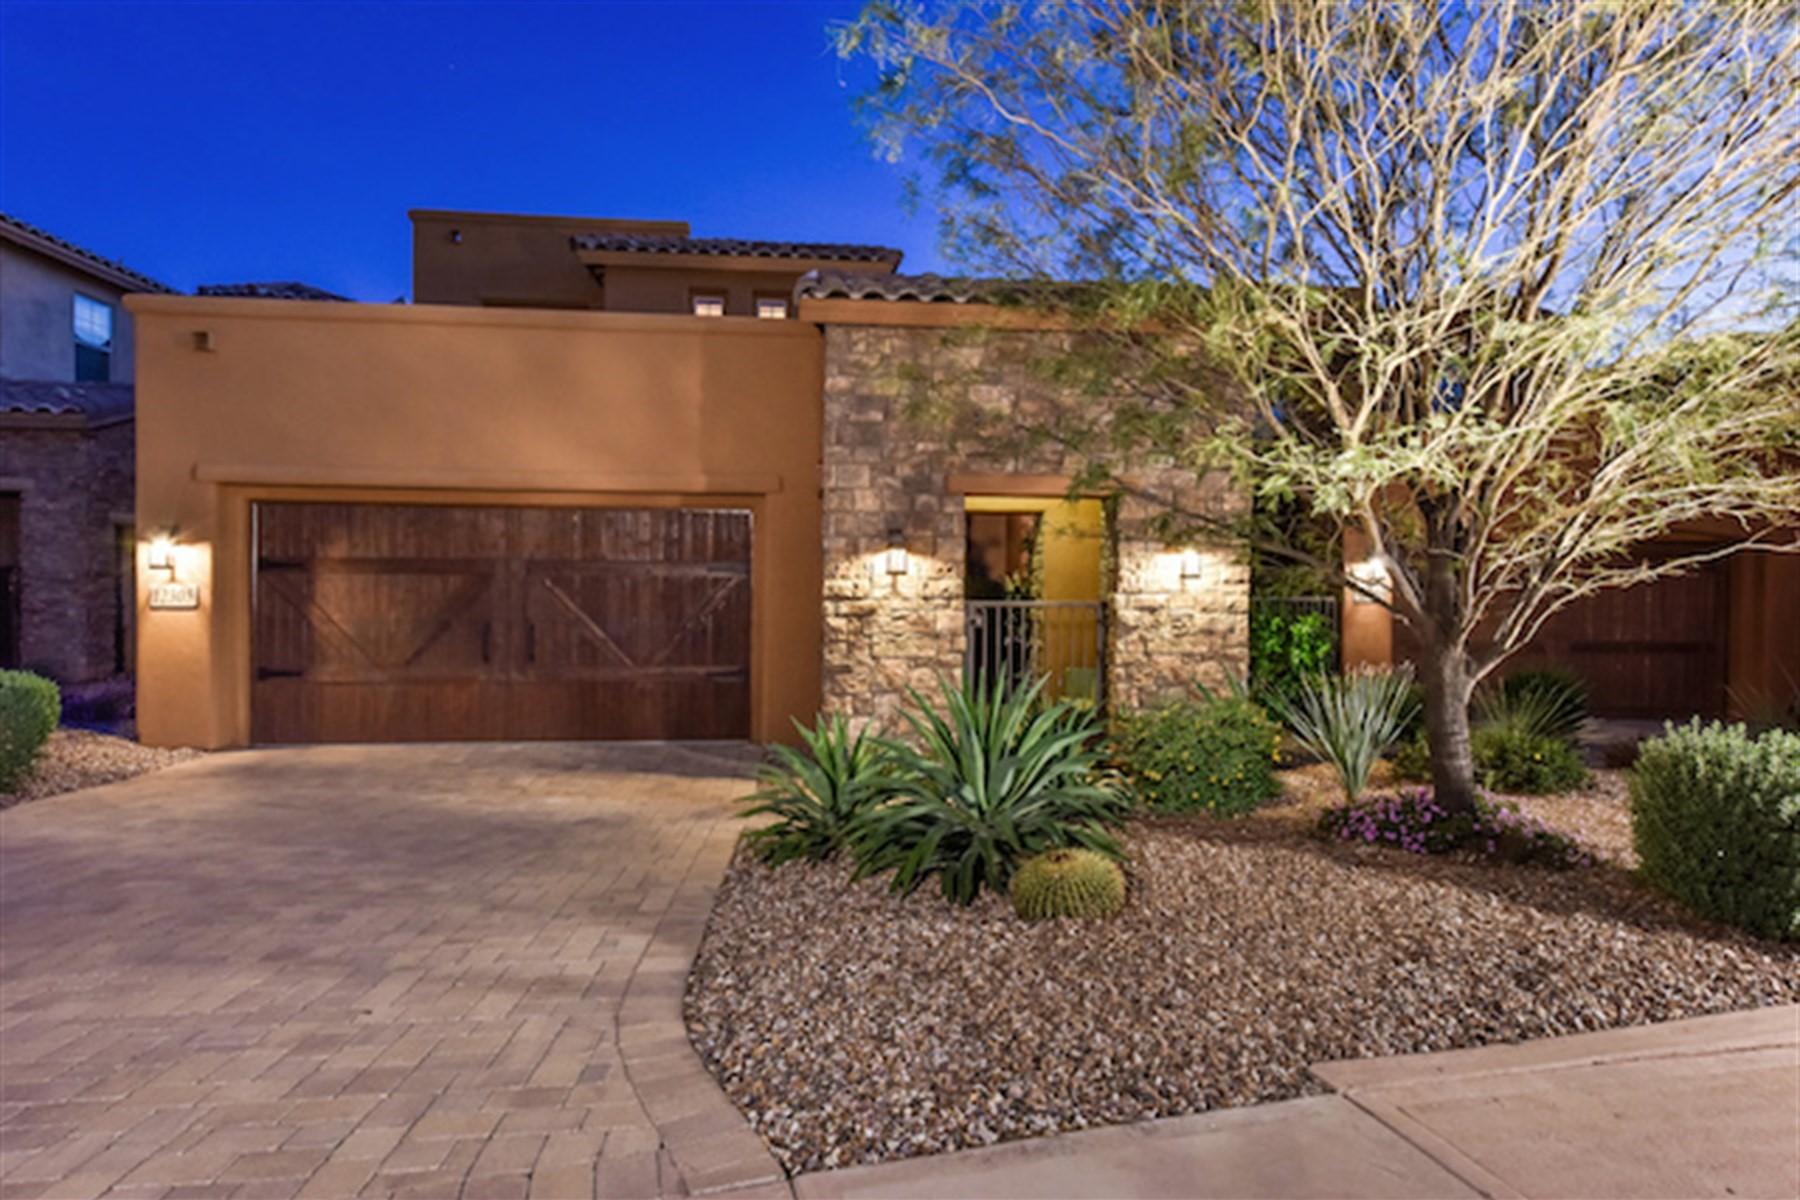 一戸建て のために 売買 アット A truly beautiful Dick Lloyd semi-custom home 12305 E North Ln Scottsdale, アリゾナ, 85259 アメリカ合衆国